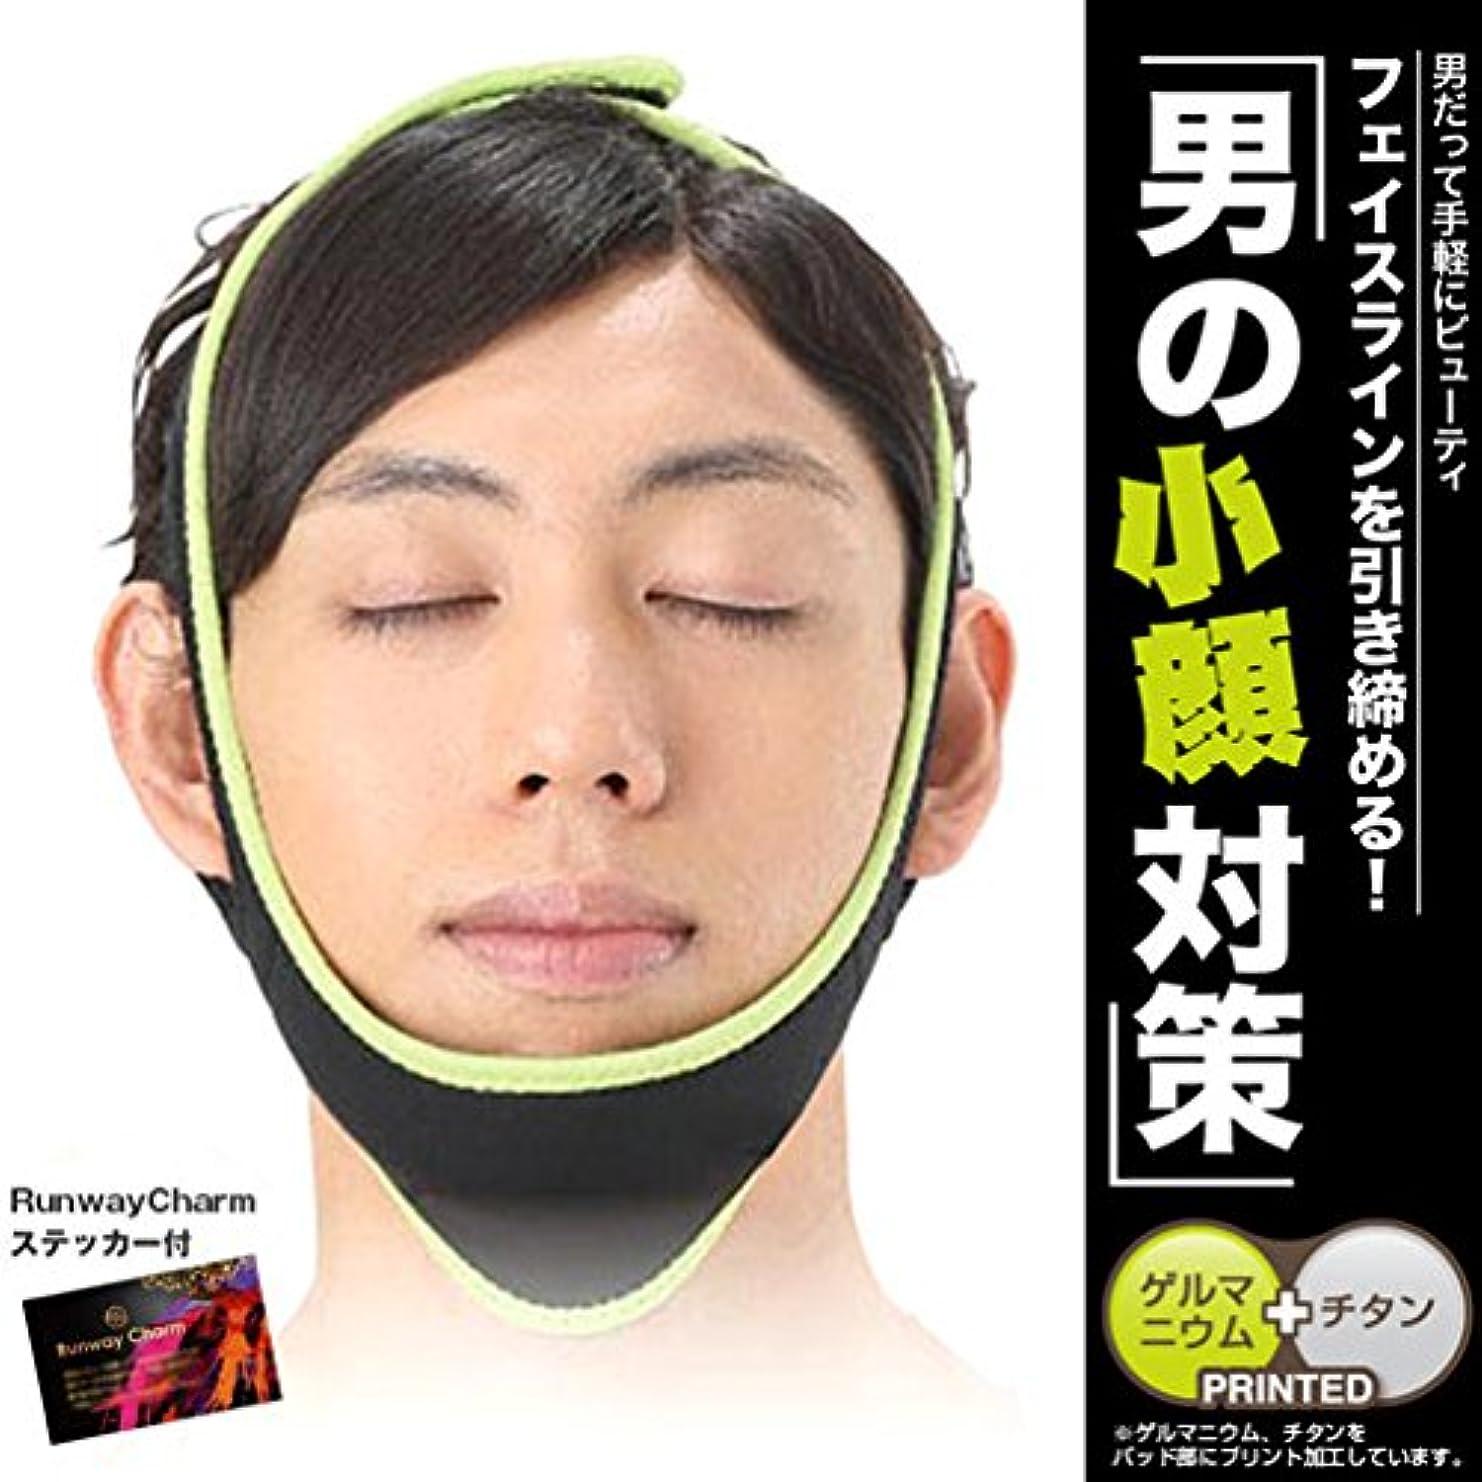 傾向がありますラインナップ頭メンズ用 寝ながらゲルマニウム ベルト 男女兼用 こがお たるみ 小顔マスク メンズ 男性用 男用 美顔器 美容グッズ [RCステッカー付]